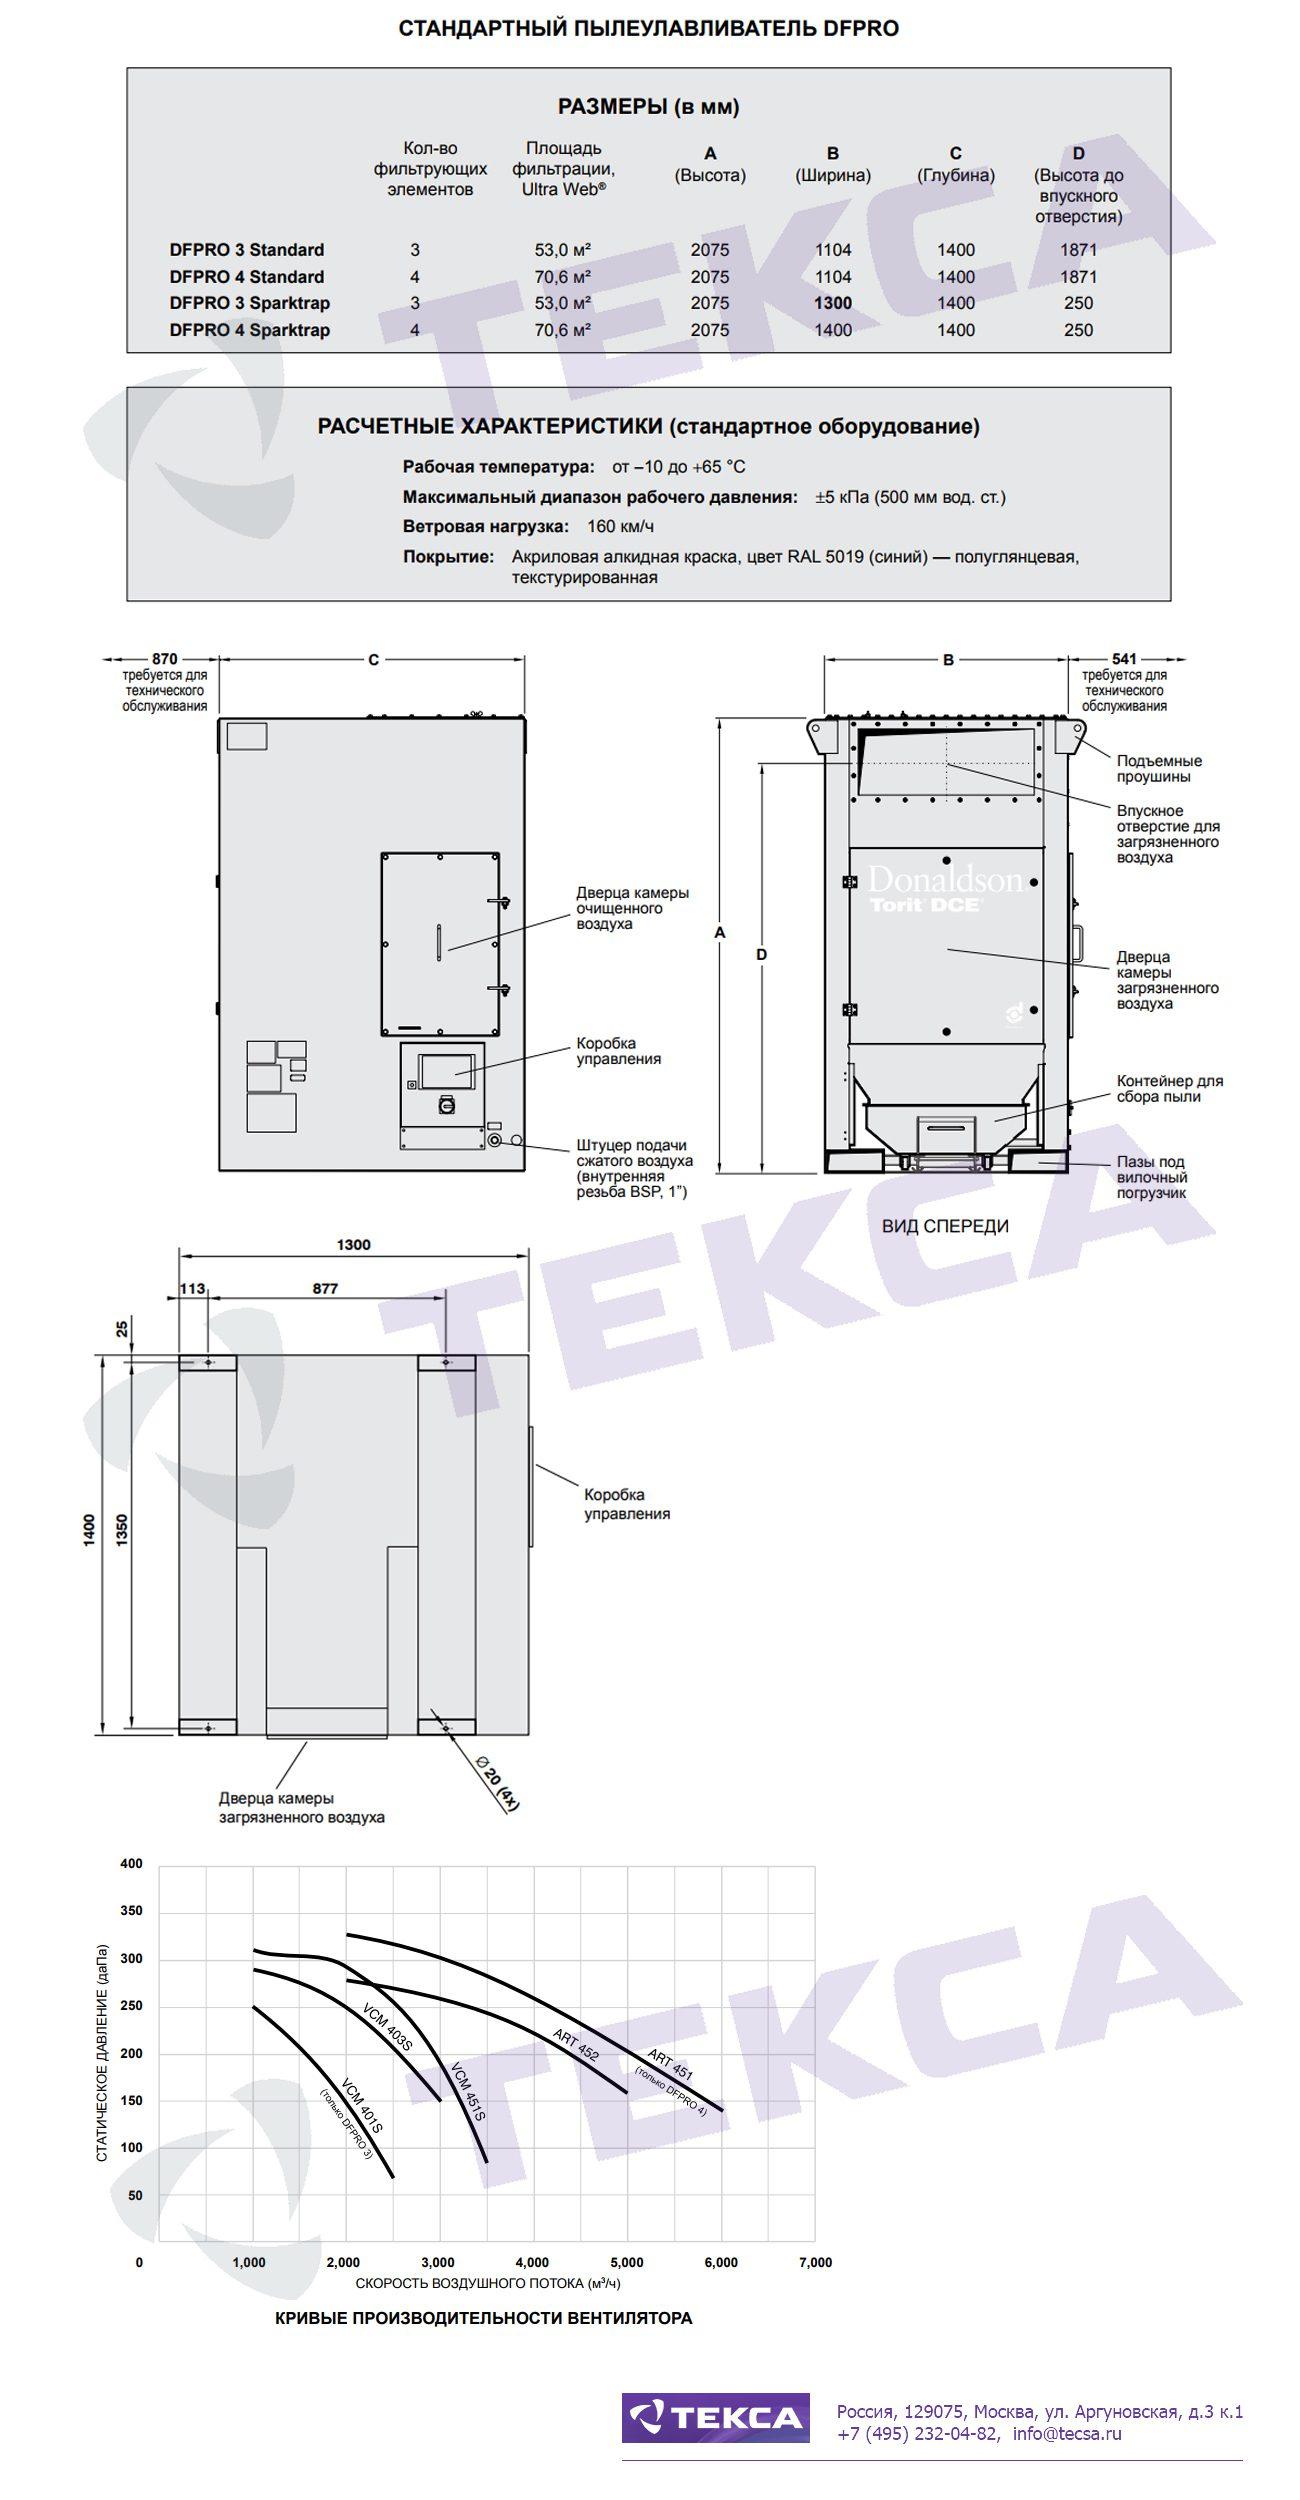 Технические характеристики картриджных пылеулавливателей серии DFPRO